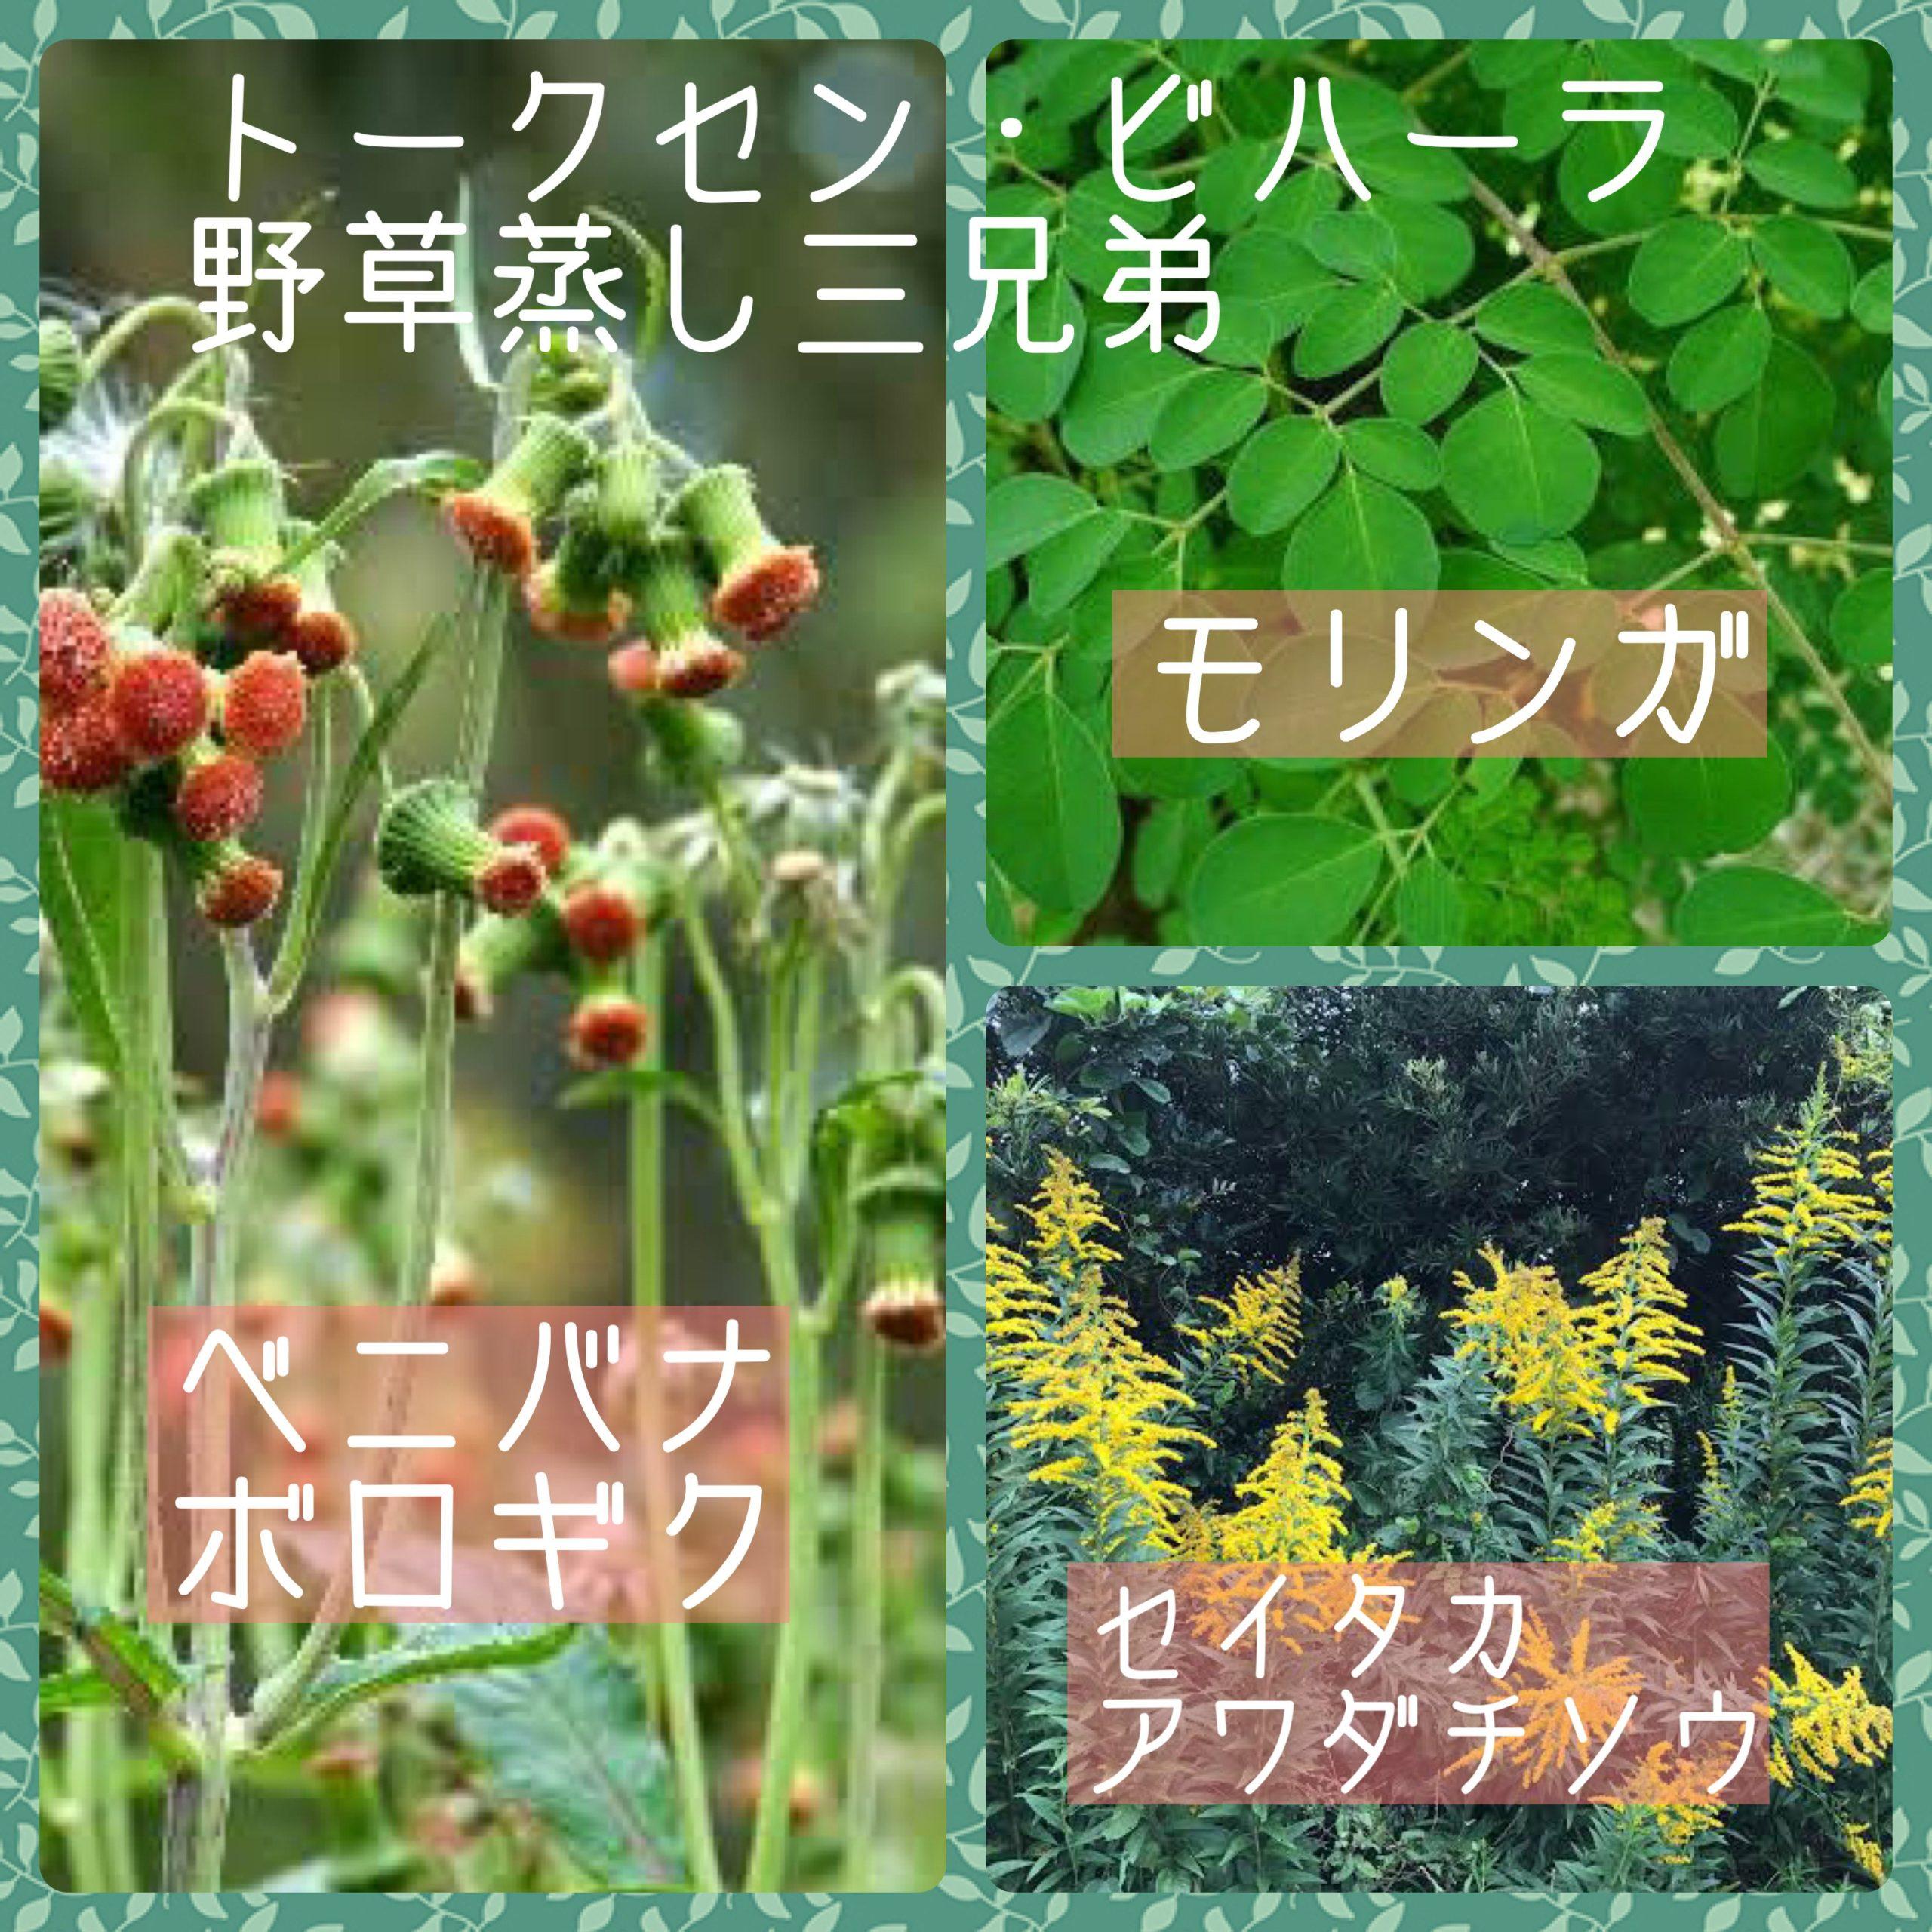 トークセン・ビハーラ/野草蒸し